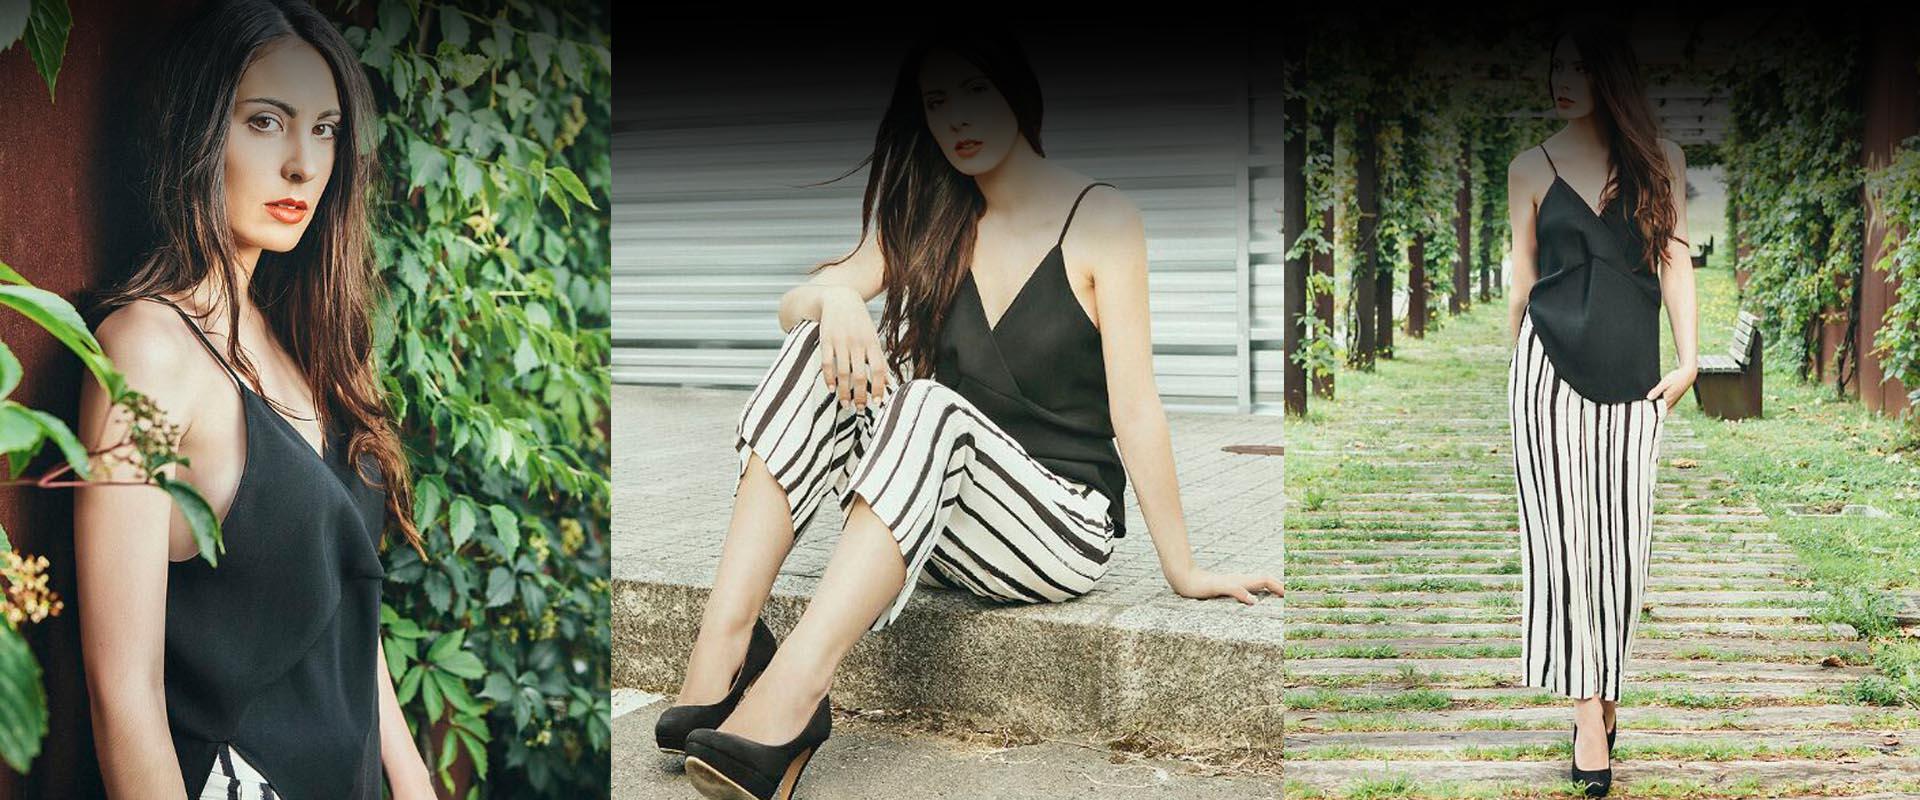 blanco-y-negro-portadao-1